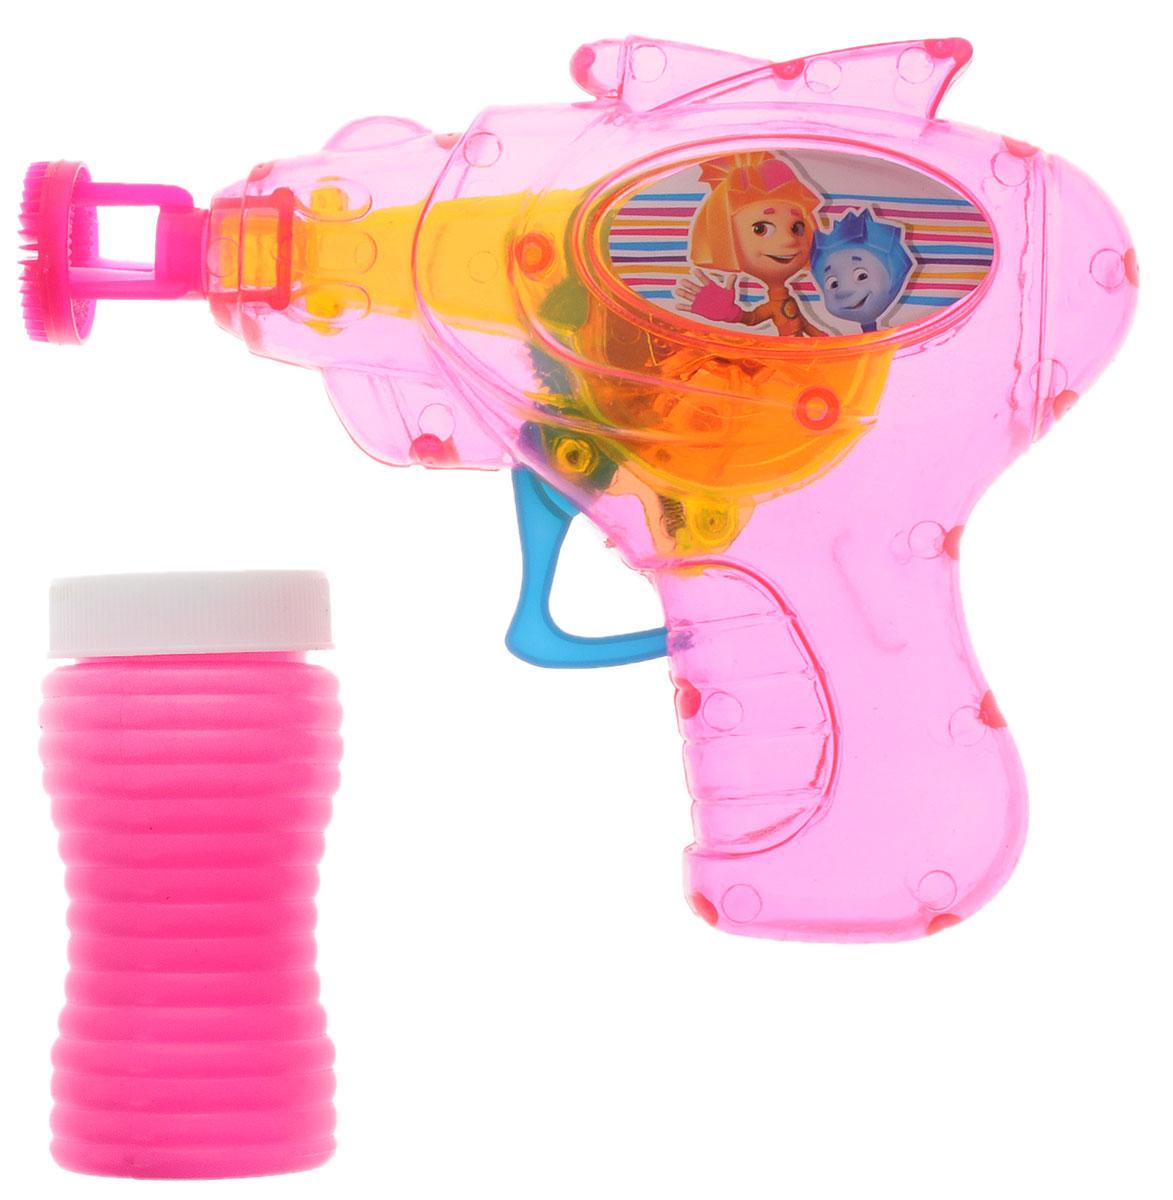 Веселая затея Набор для пускания мыльных пузырей Фиксики цвет розовый1504-0437_розовыйНабор для пускания мыльных пузырей Веселая затея Фиксики - это веселое развлечение для детей и взрослых. Вас ждет просто гигантская очередь мыльных пузырей! Для игры налейте мыльный раствор в крышку, опустите в нее кончик пистолета, поднимите в воздух и нажмите на курок. Вы увидите невероятное количество пузырей. Сопровождаться это будет световыми эффектами. Устройте малышу настоящее мыльное шоу! Работает игрушка от незаменяемых батареек.